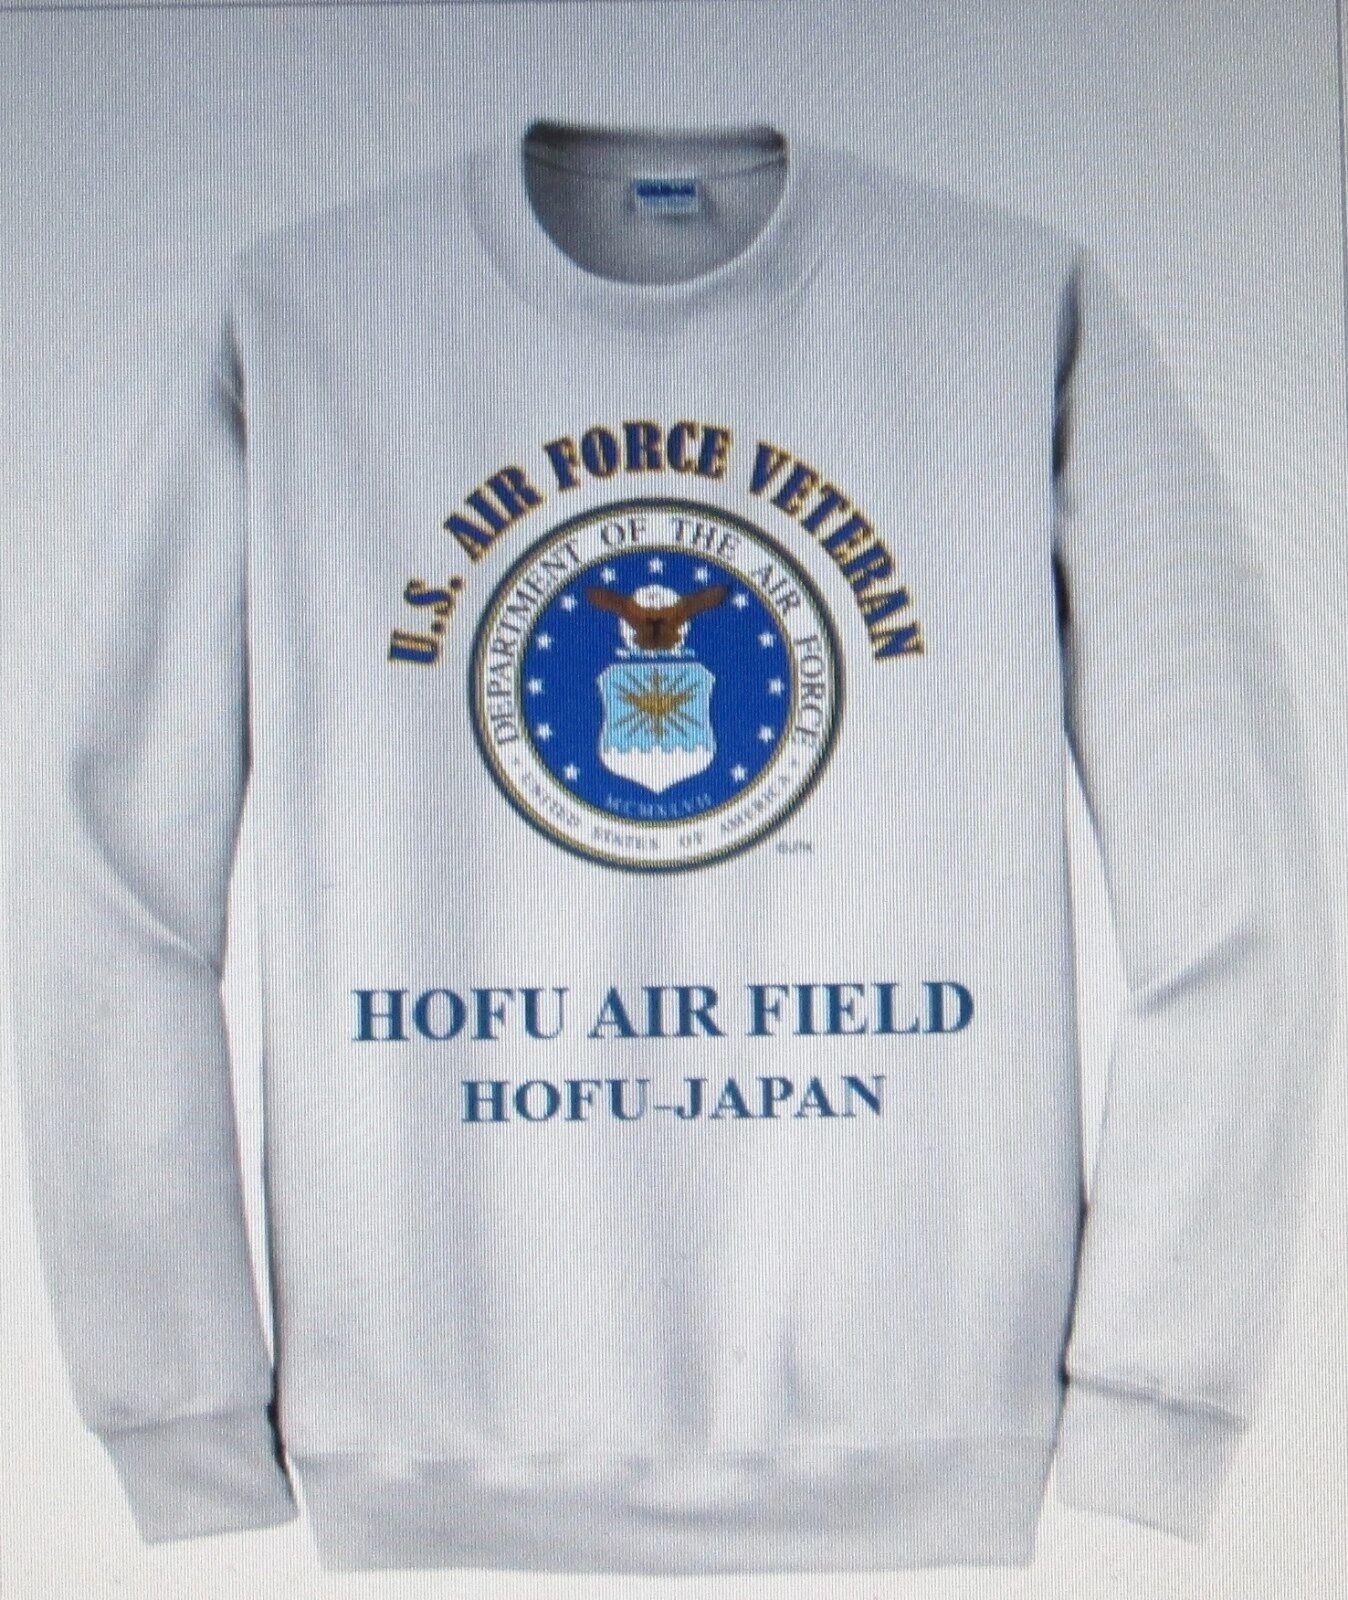 HOFU AIR FIELD  HOFU-JAPAN  AIR FORCE EMBLEM VETERAN SWEATSHIRT